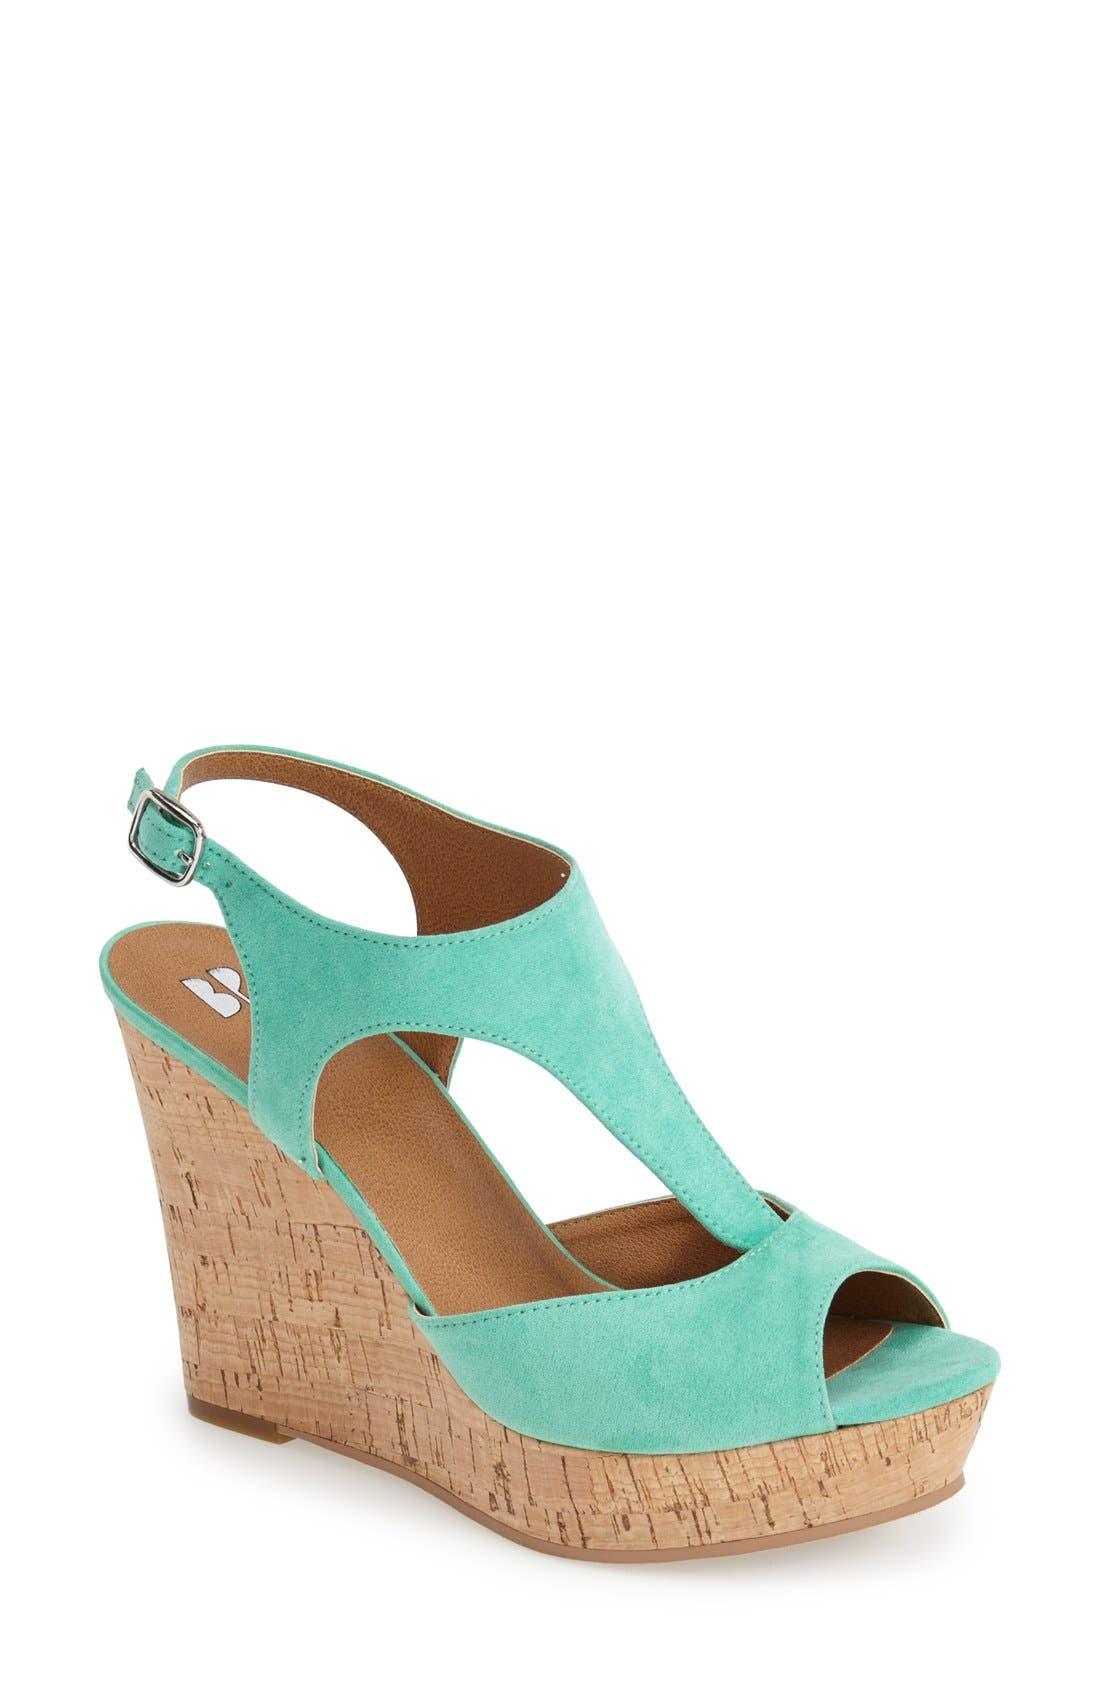 Alternate Image 1 Selected - BP. 'Springs' Peep Toe Wedge Sandal (Women)